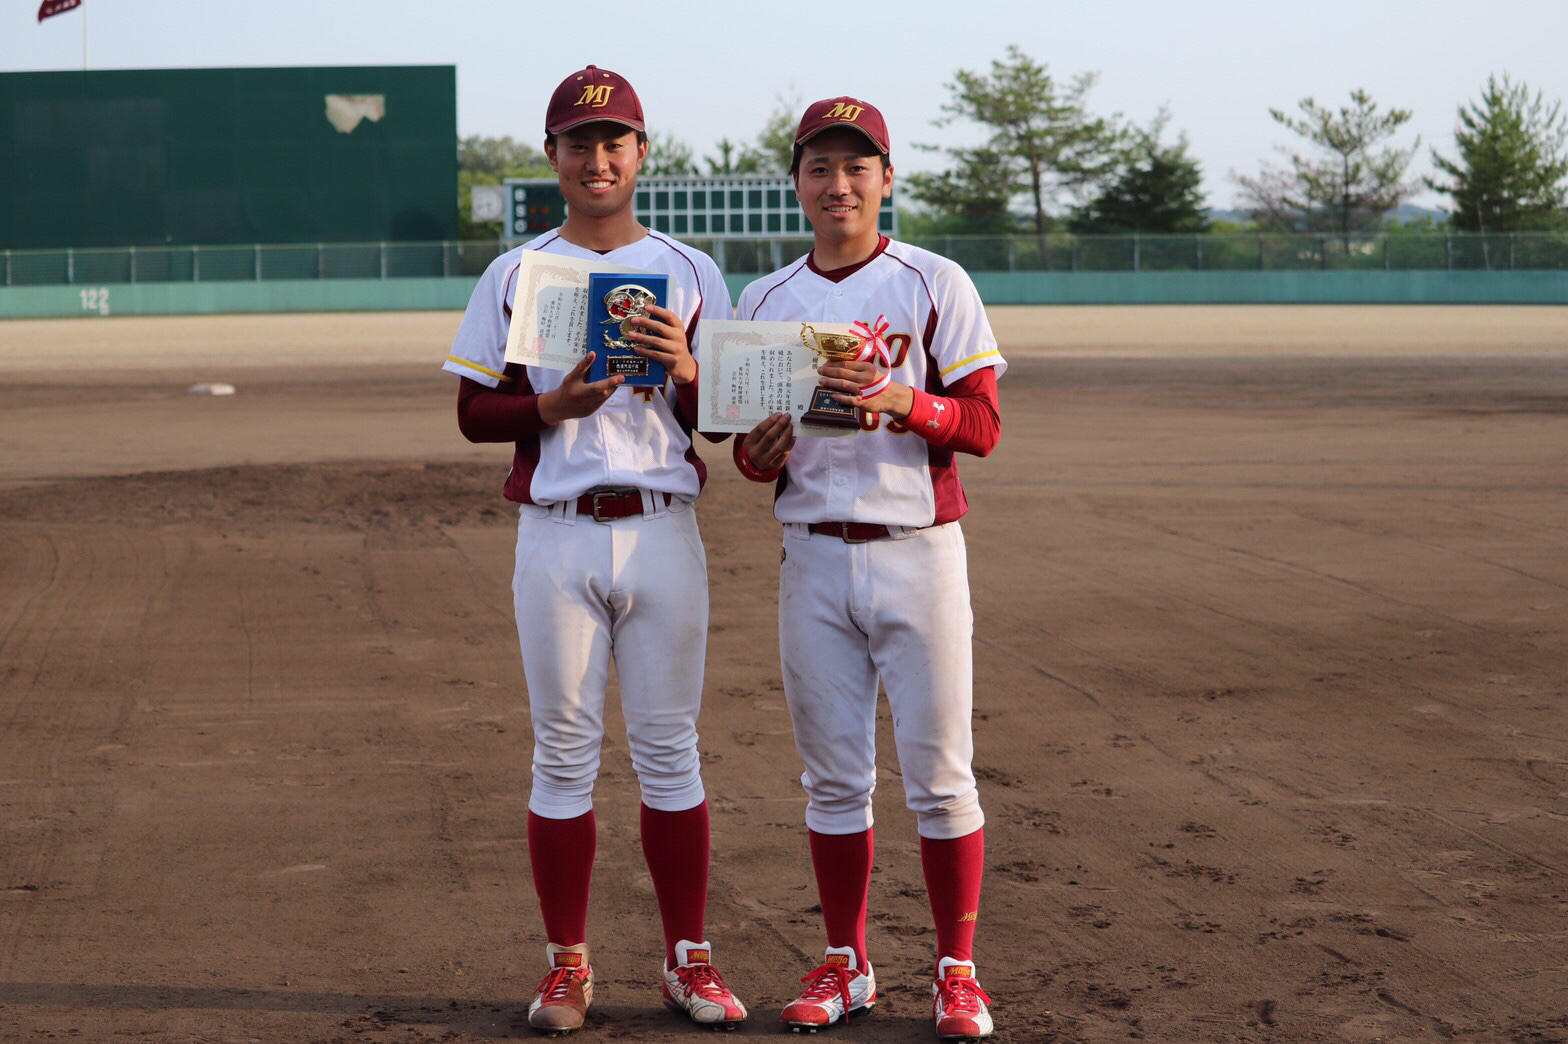 左から伊藤智紀選手(人間学部2年)と坂上翼紗選手(都市情報学部2年)